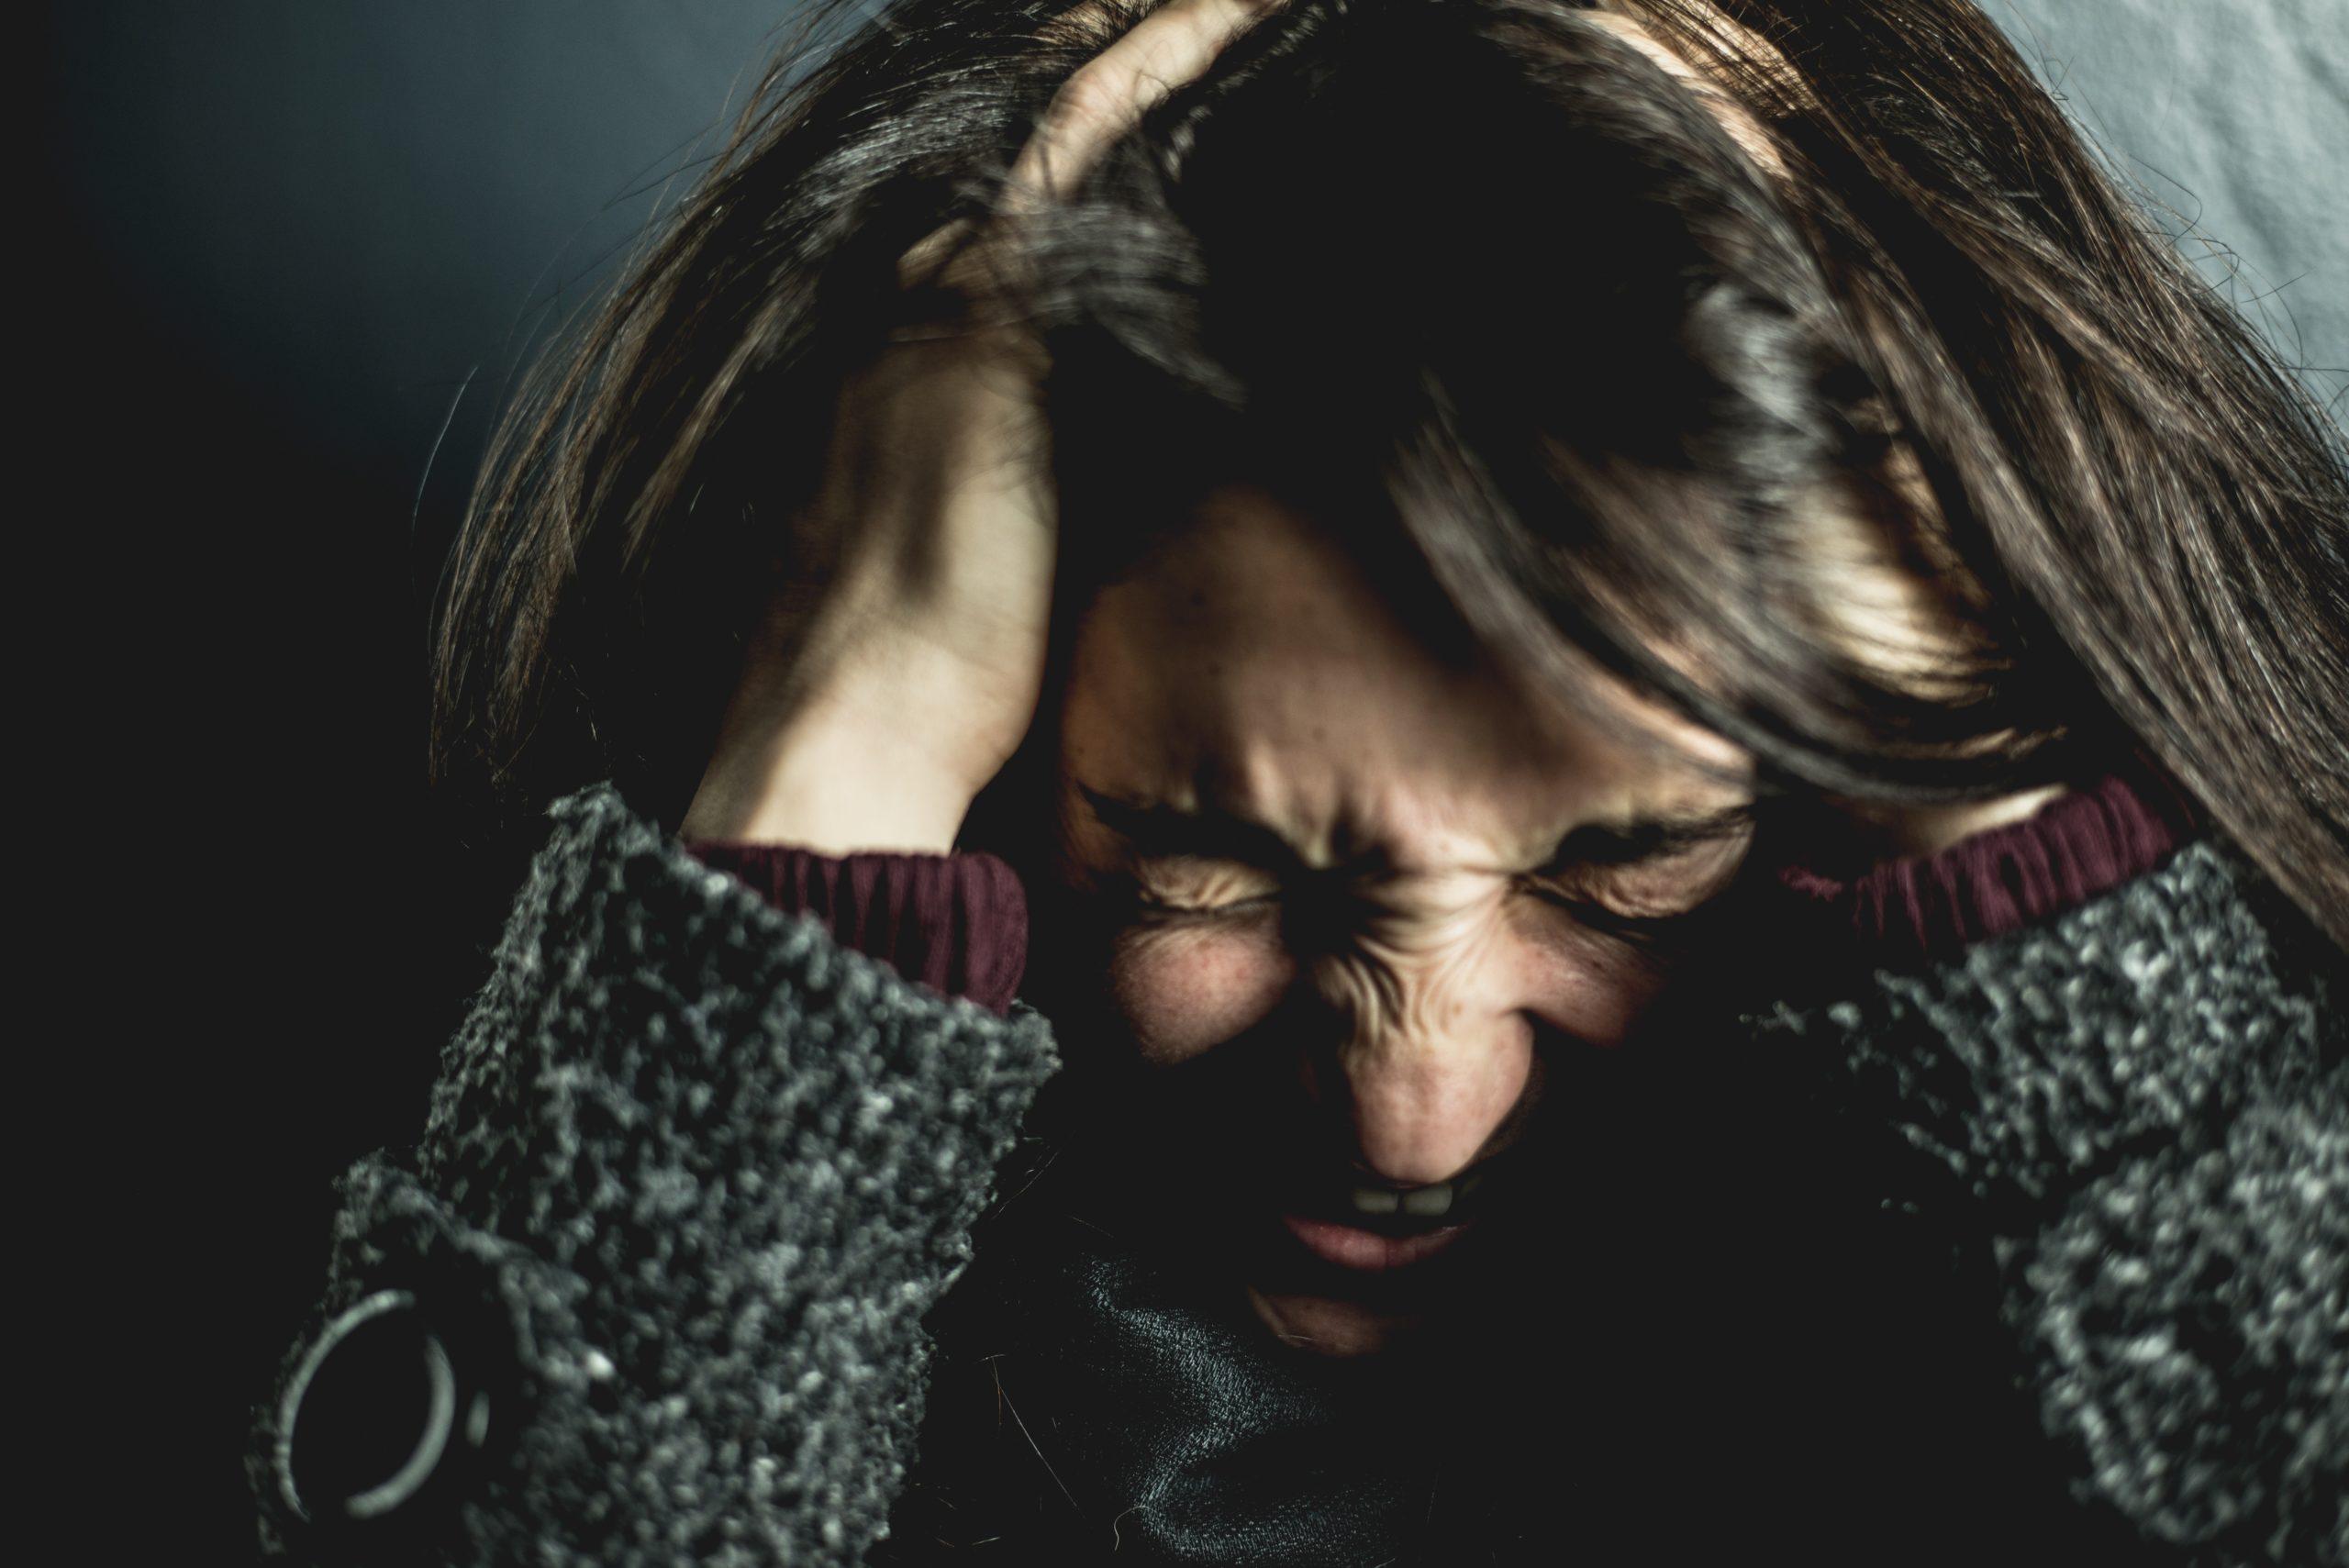 Stres a poruchy spánku majú riešenie v homeopatii